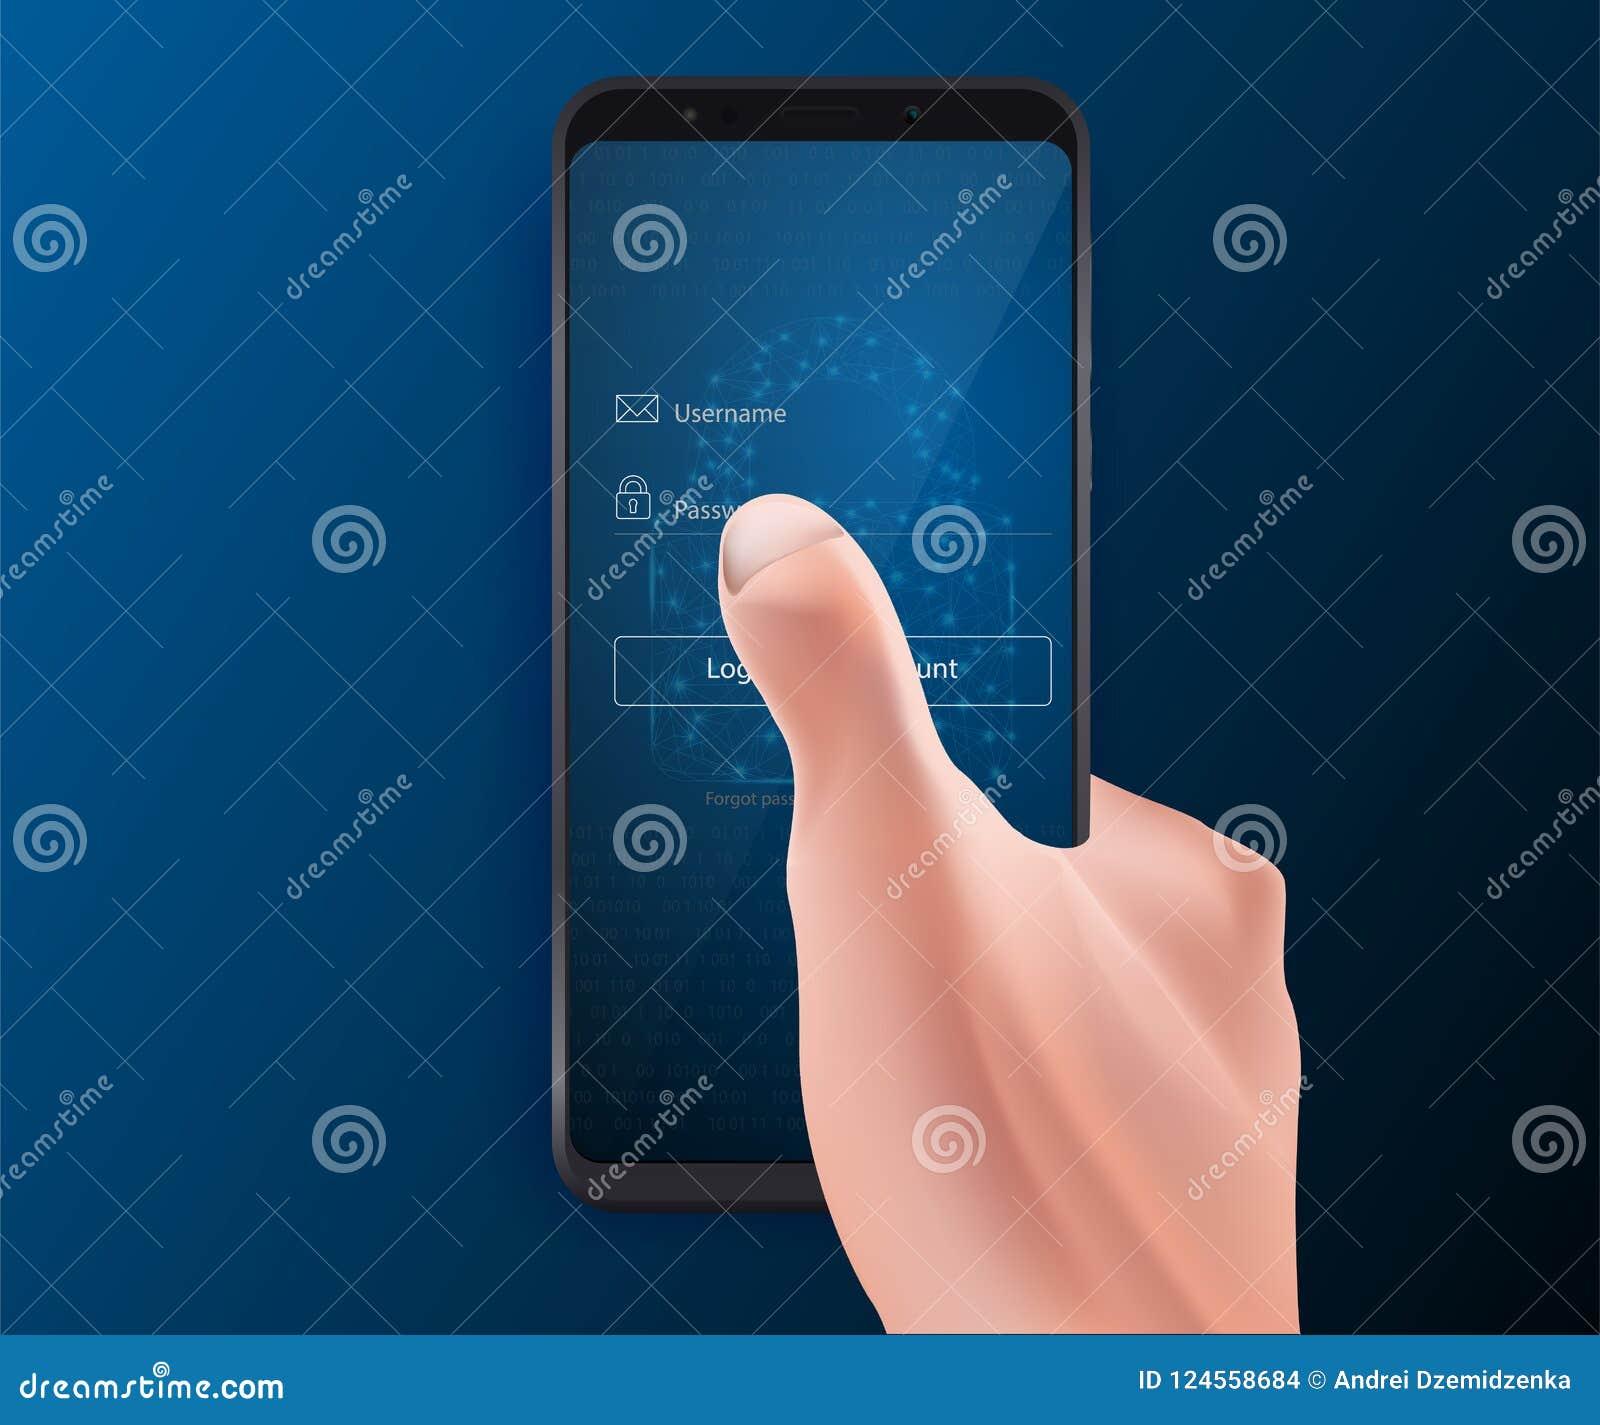 Ábrase una sesión al app móvil, al cybersecurity, al acceso privado con el username y a la contraseña a los datos personales Vect